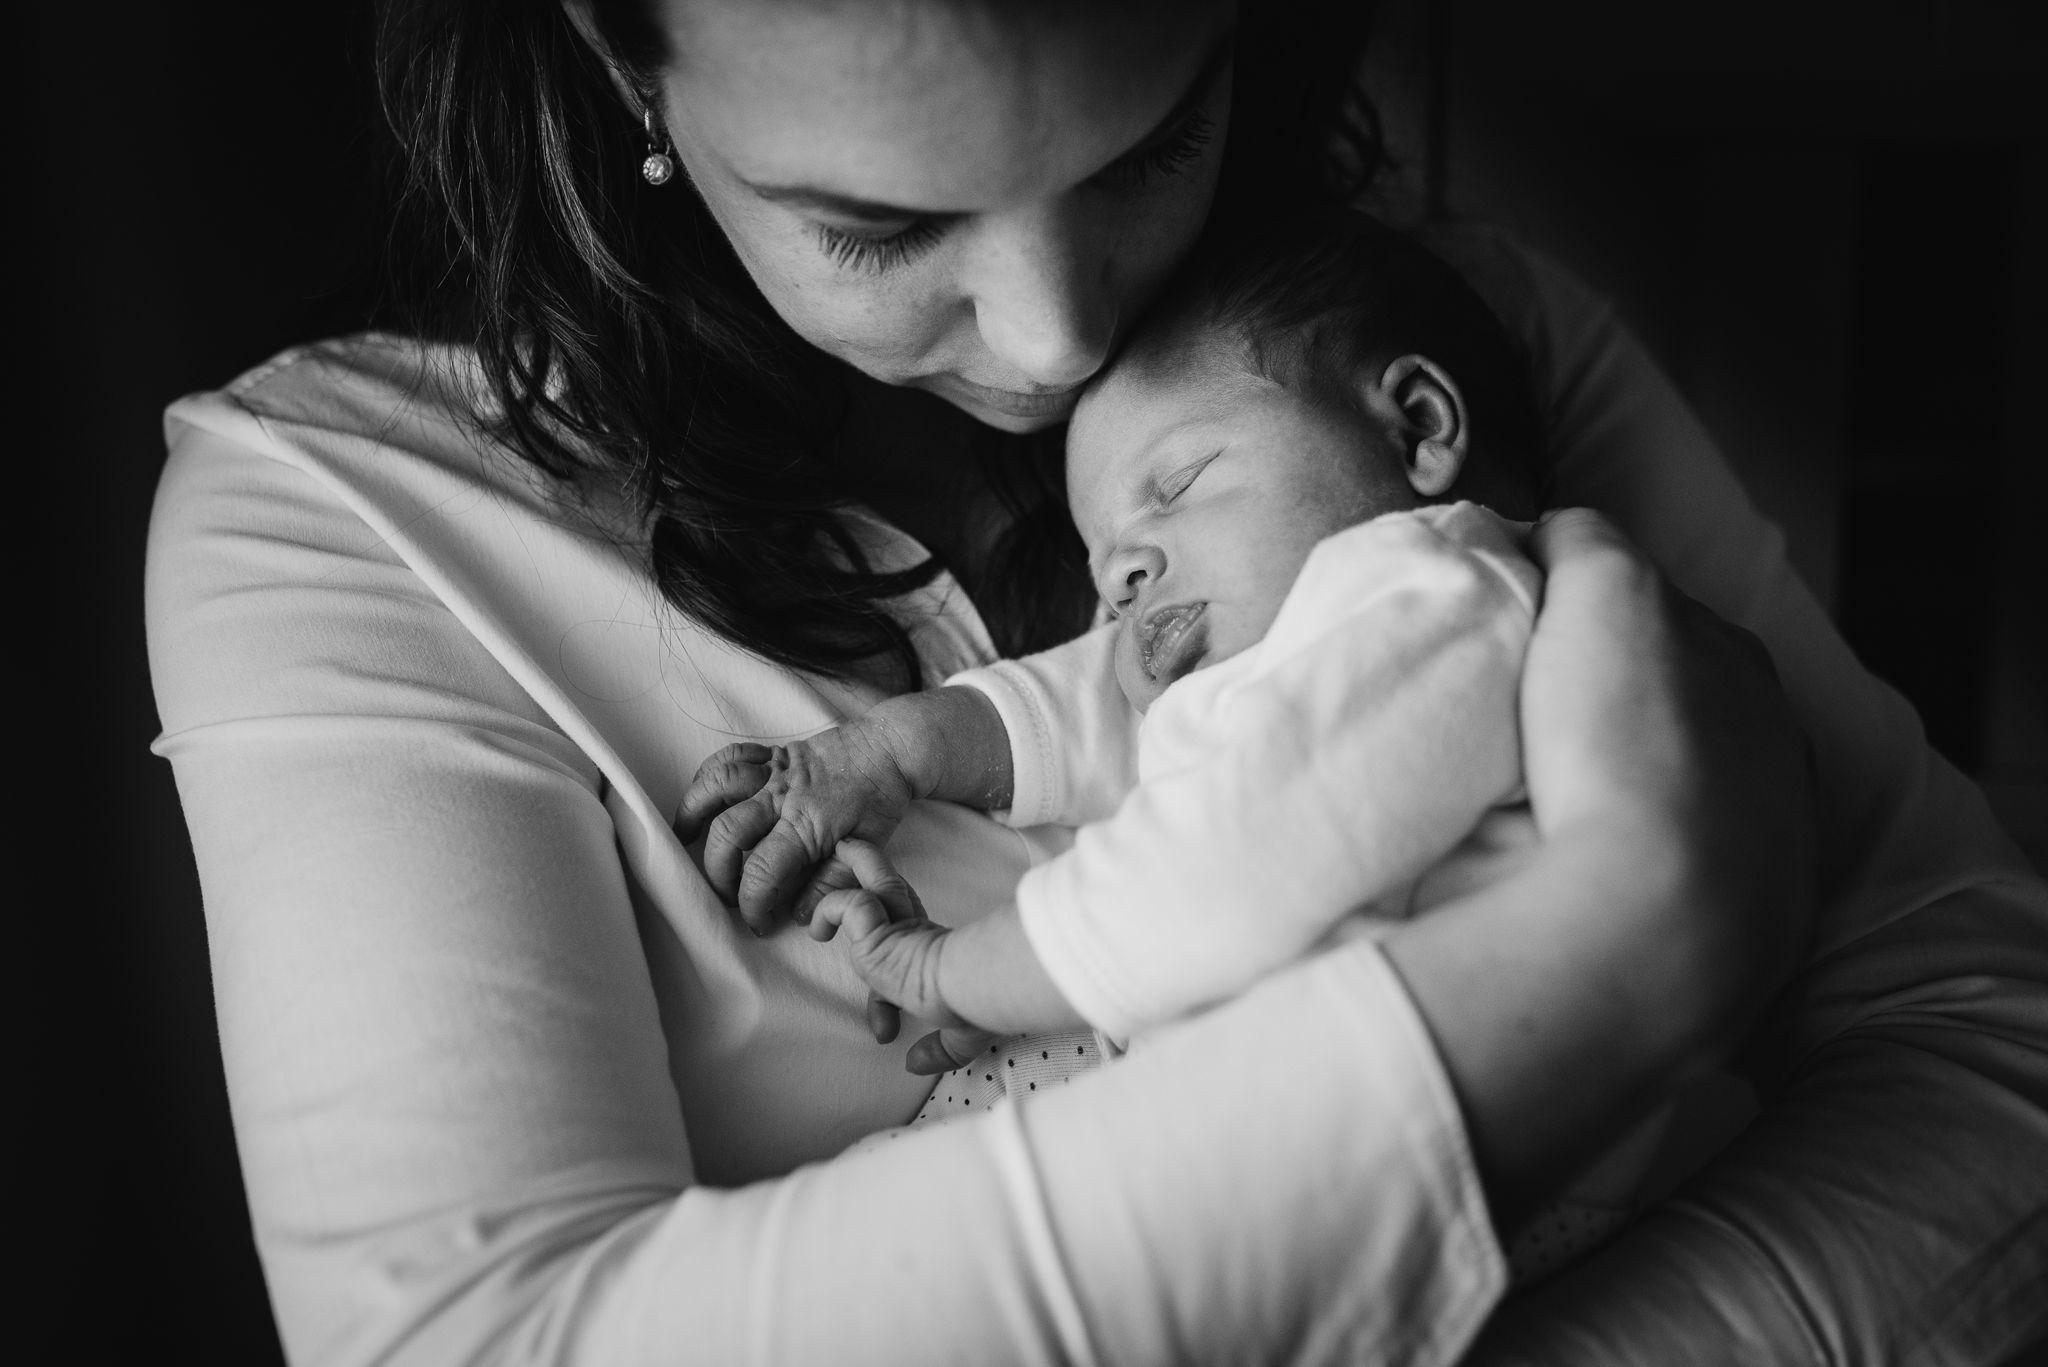 foto's pasgeboren baby thuis ongeposeerd